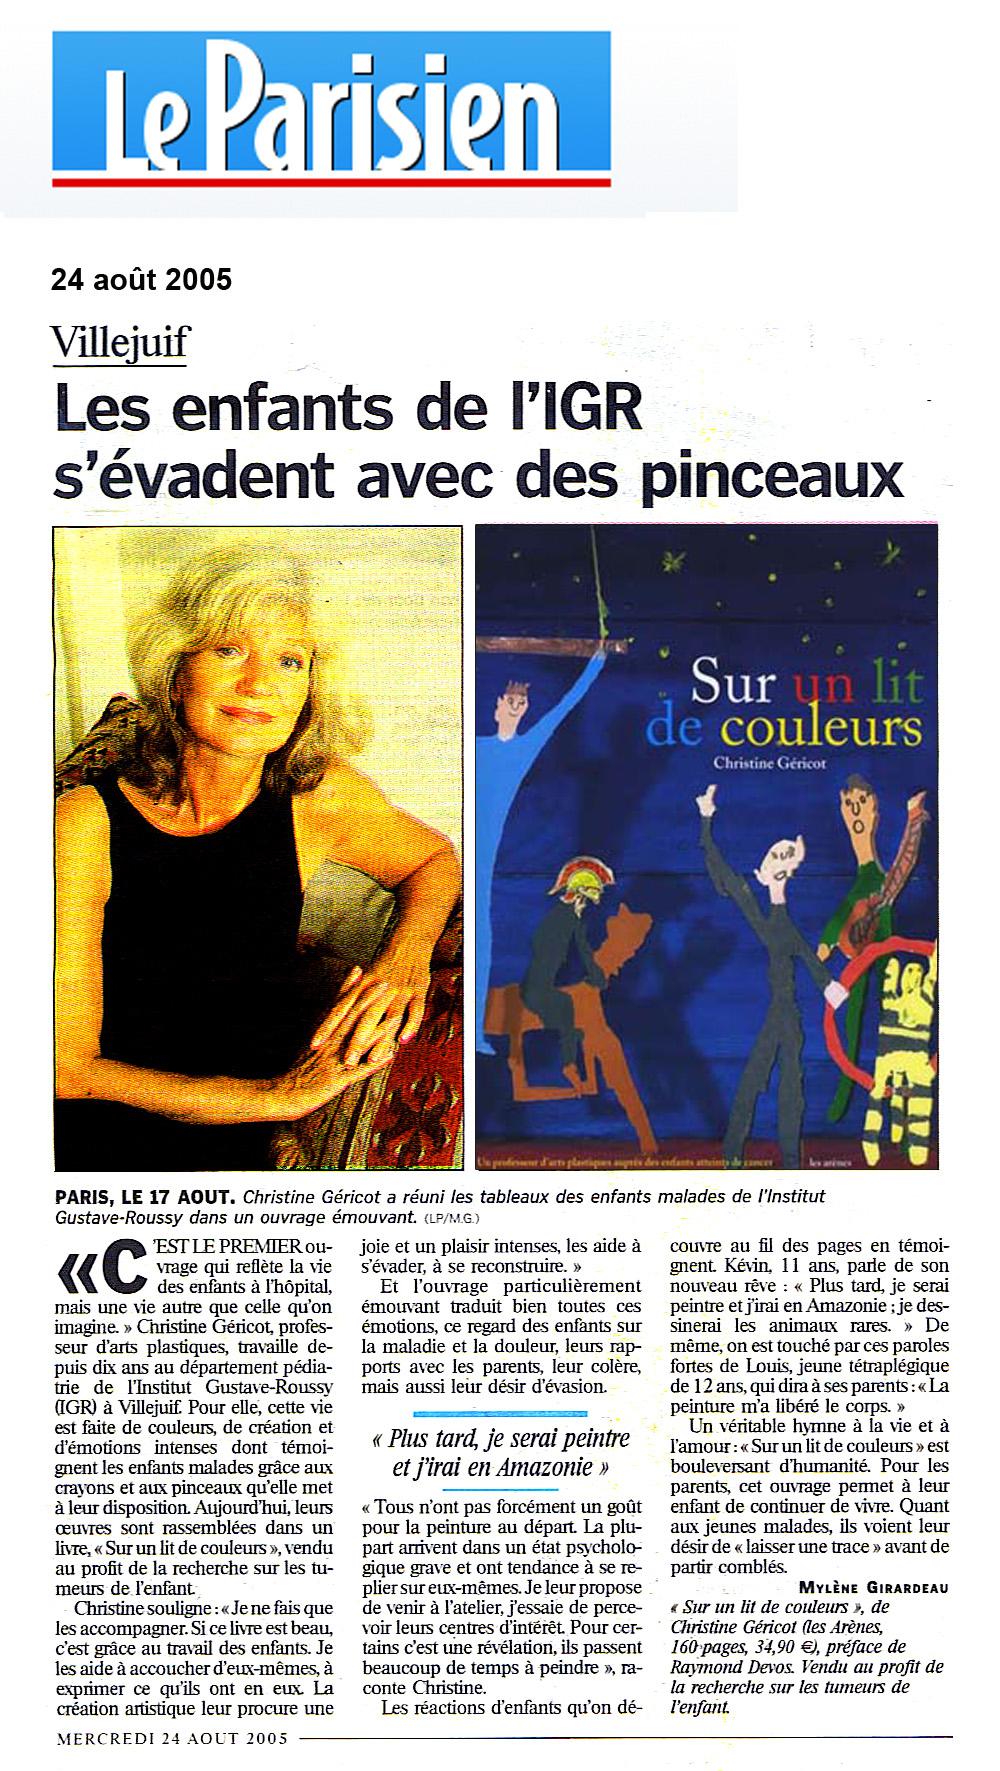 Le Parisien 21/08/2005